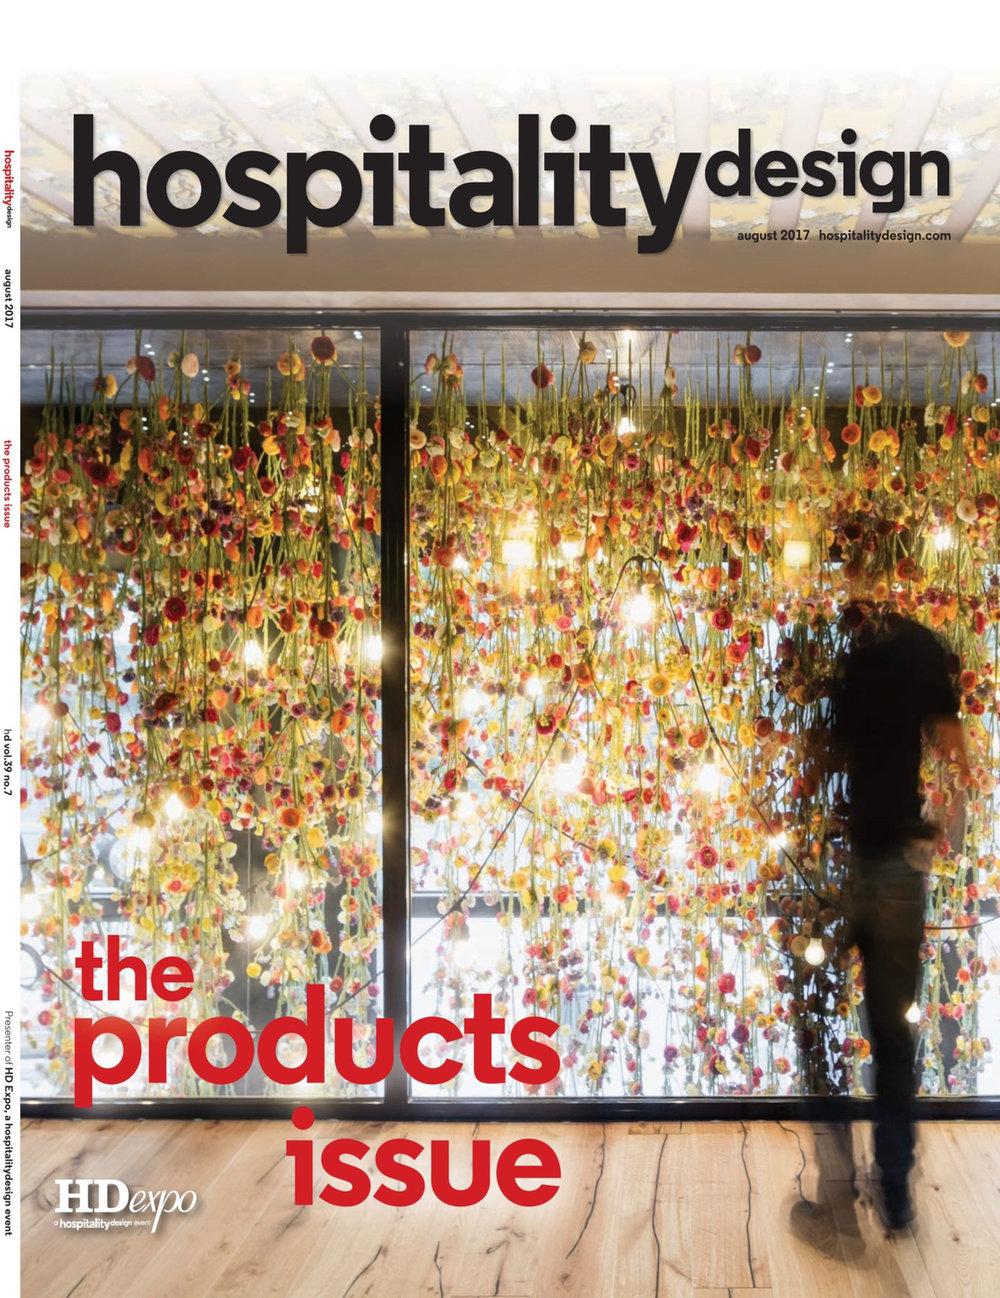 HOSPITALITY DESIGN.8.17-COVER.jpg